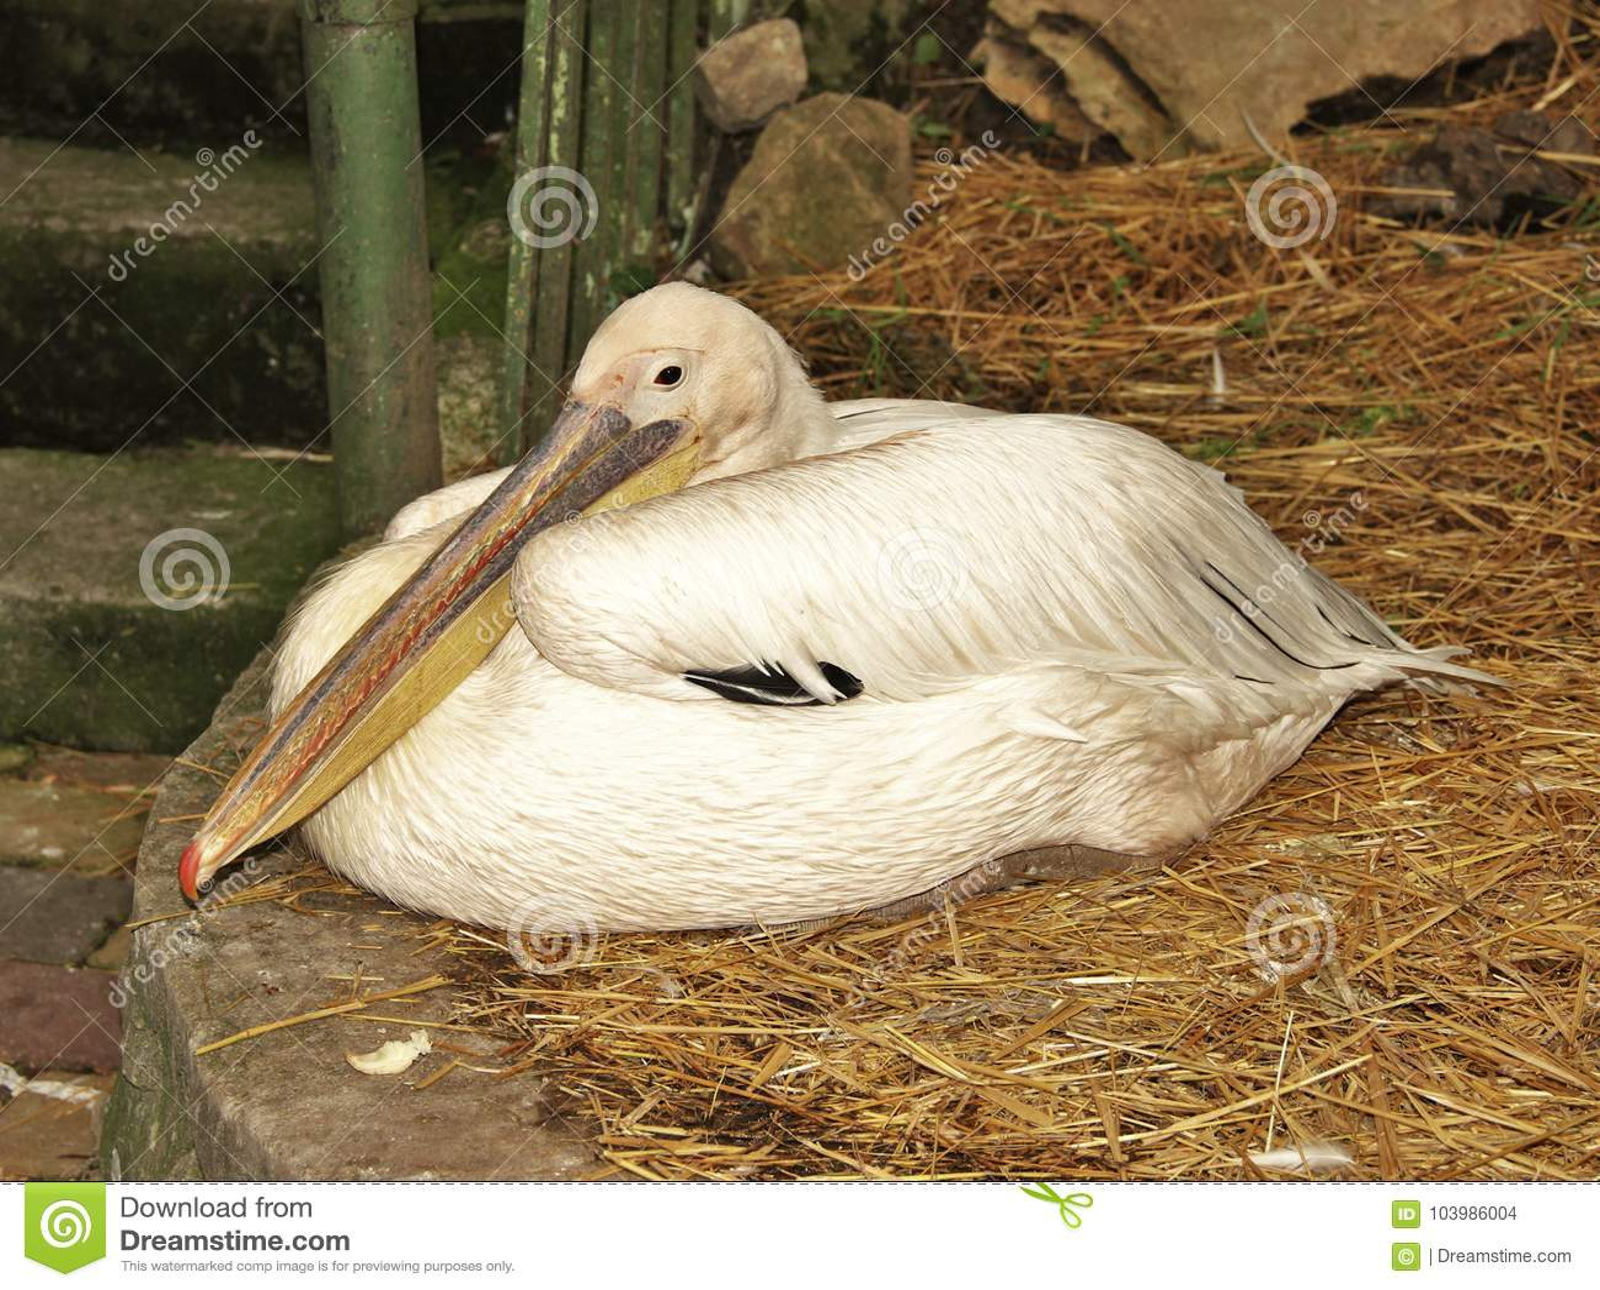 schöner weißer vogel wichtig ruhig ruhe untersuchend den abstand